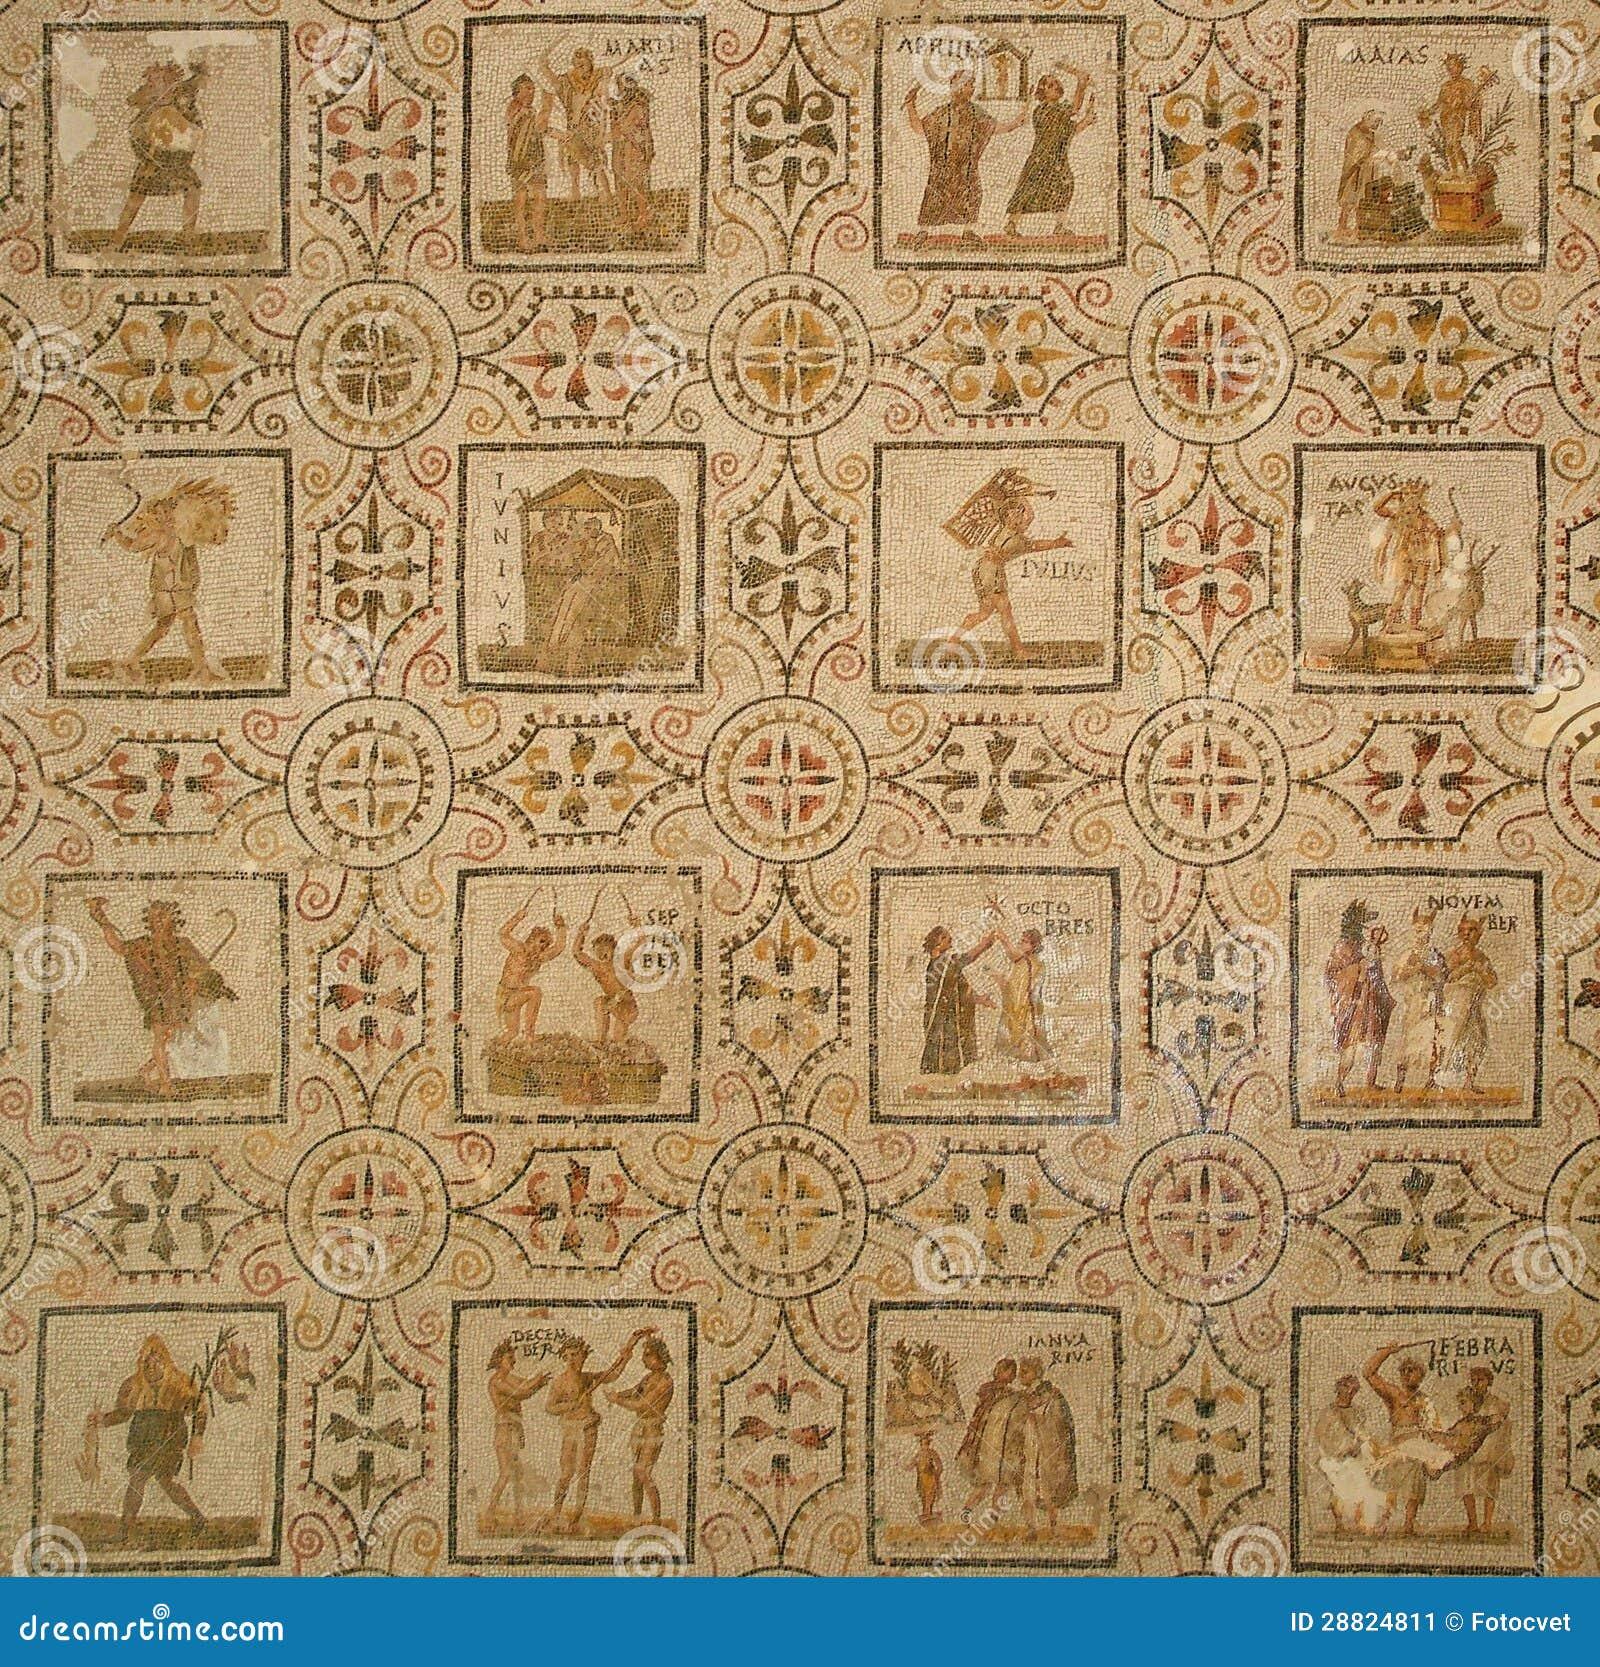 Il Matrimonio Romano Antico : Mosaico romano antico calendario immagine stock